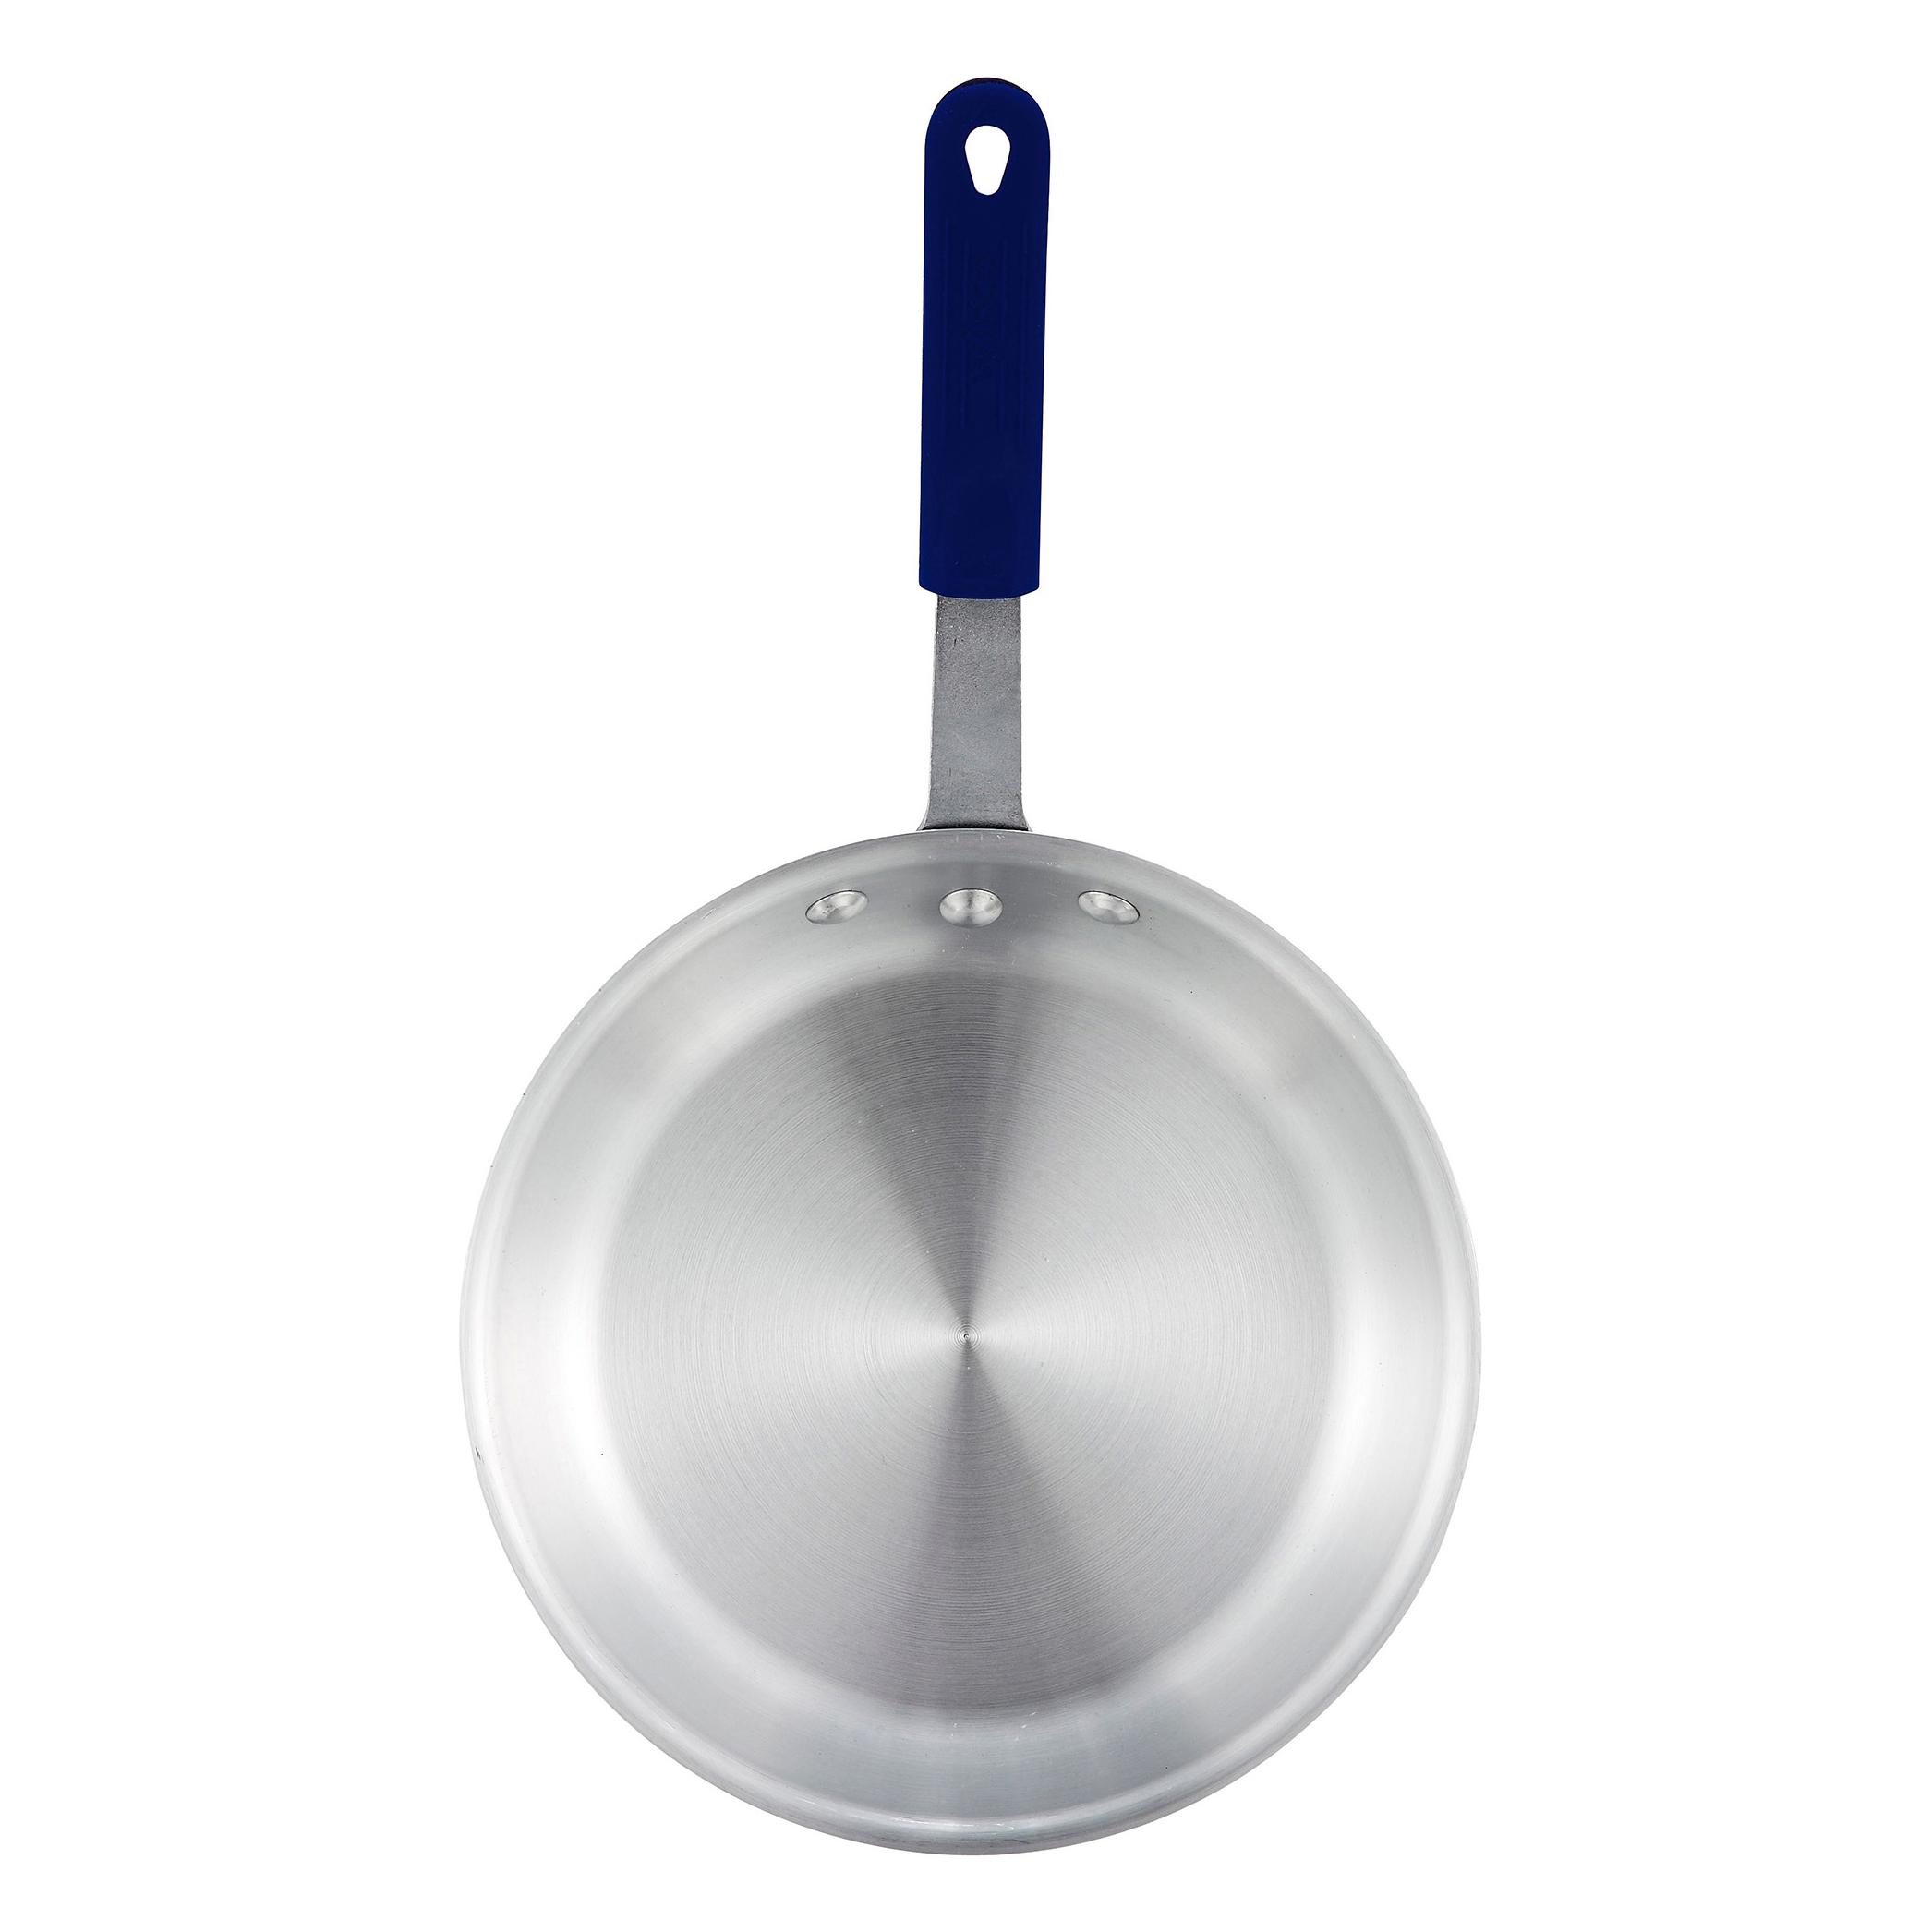 Winco AFP-7A-H fry pan